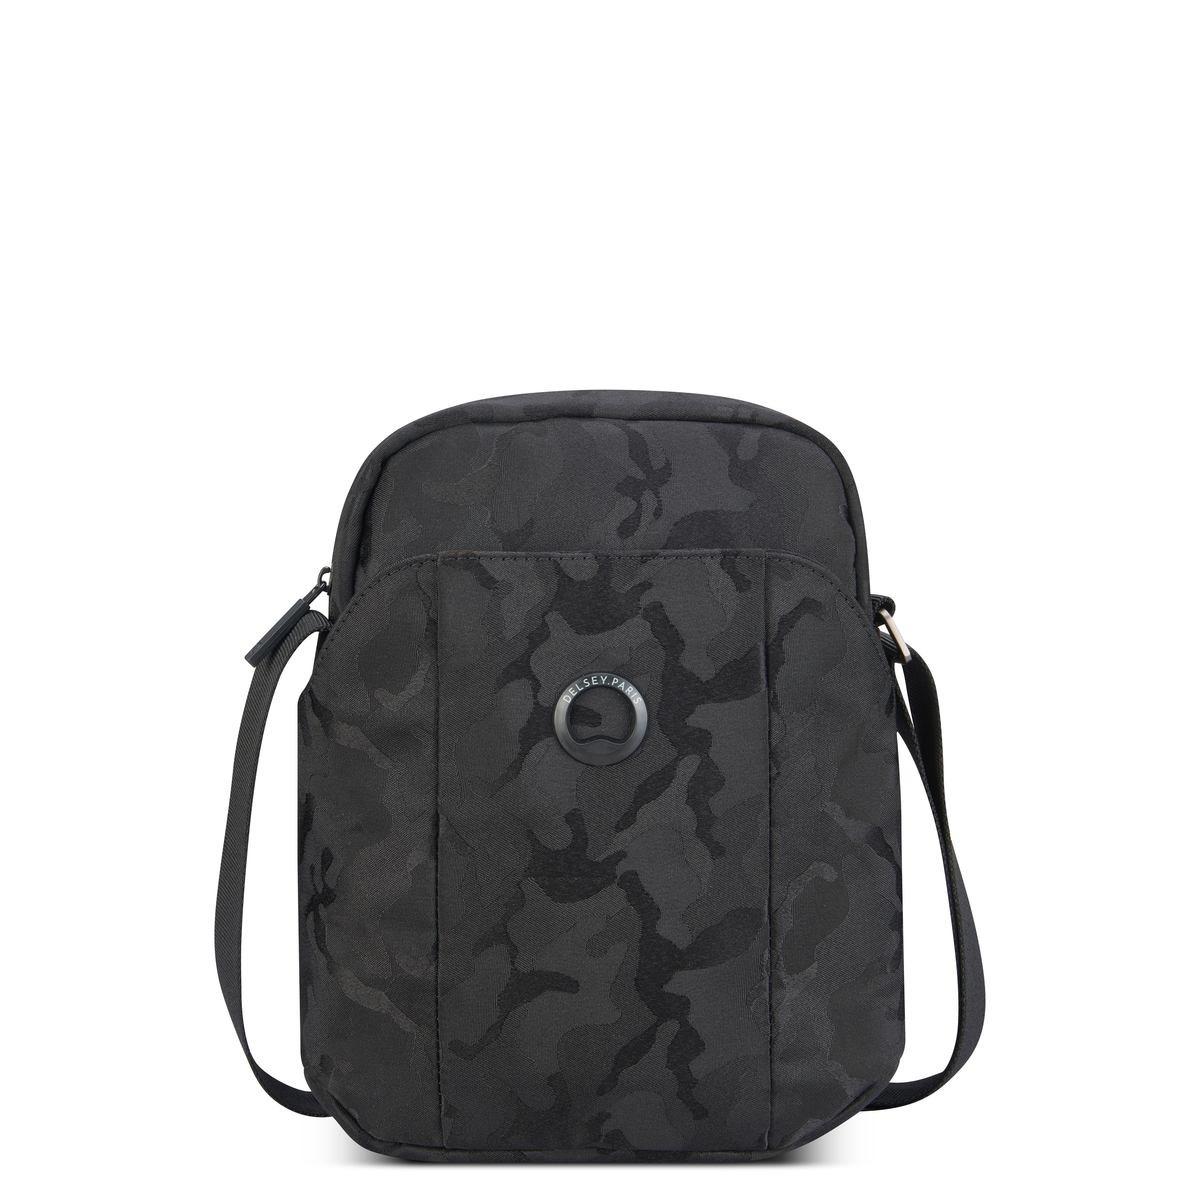 Delsey Ανδρικό τσαντάκι ώμου κάθετο 24x19x6cm tablet 7.9'' σειρά Picpus Black Camouflage